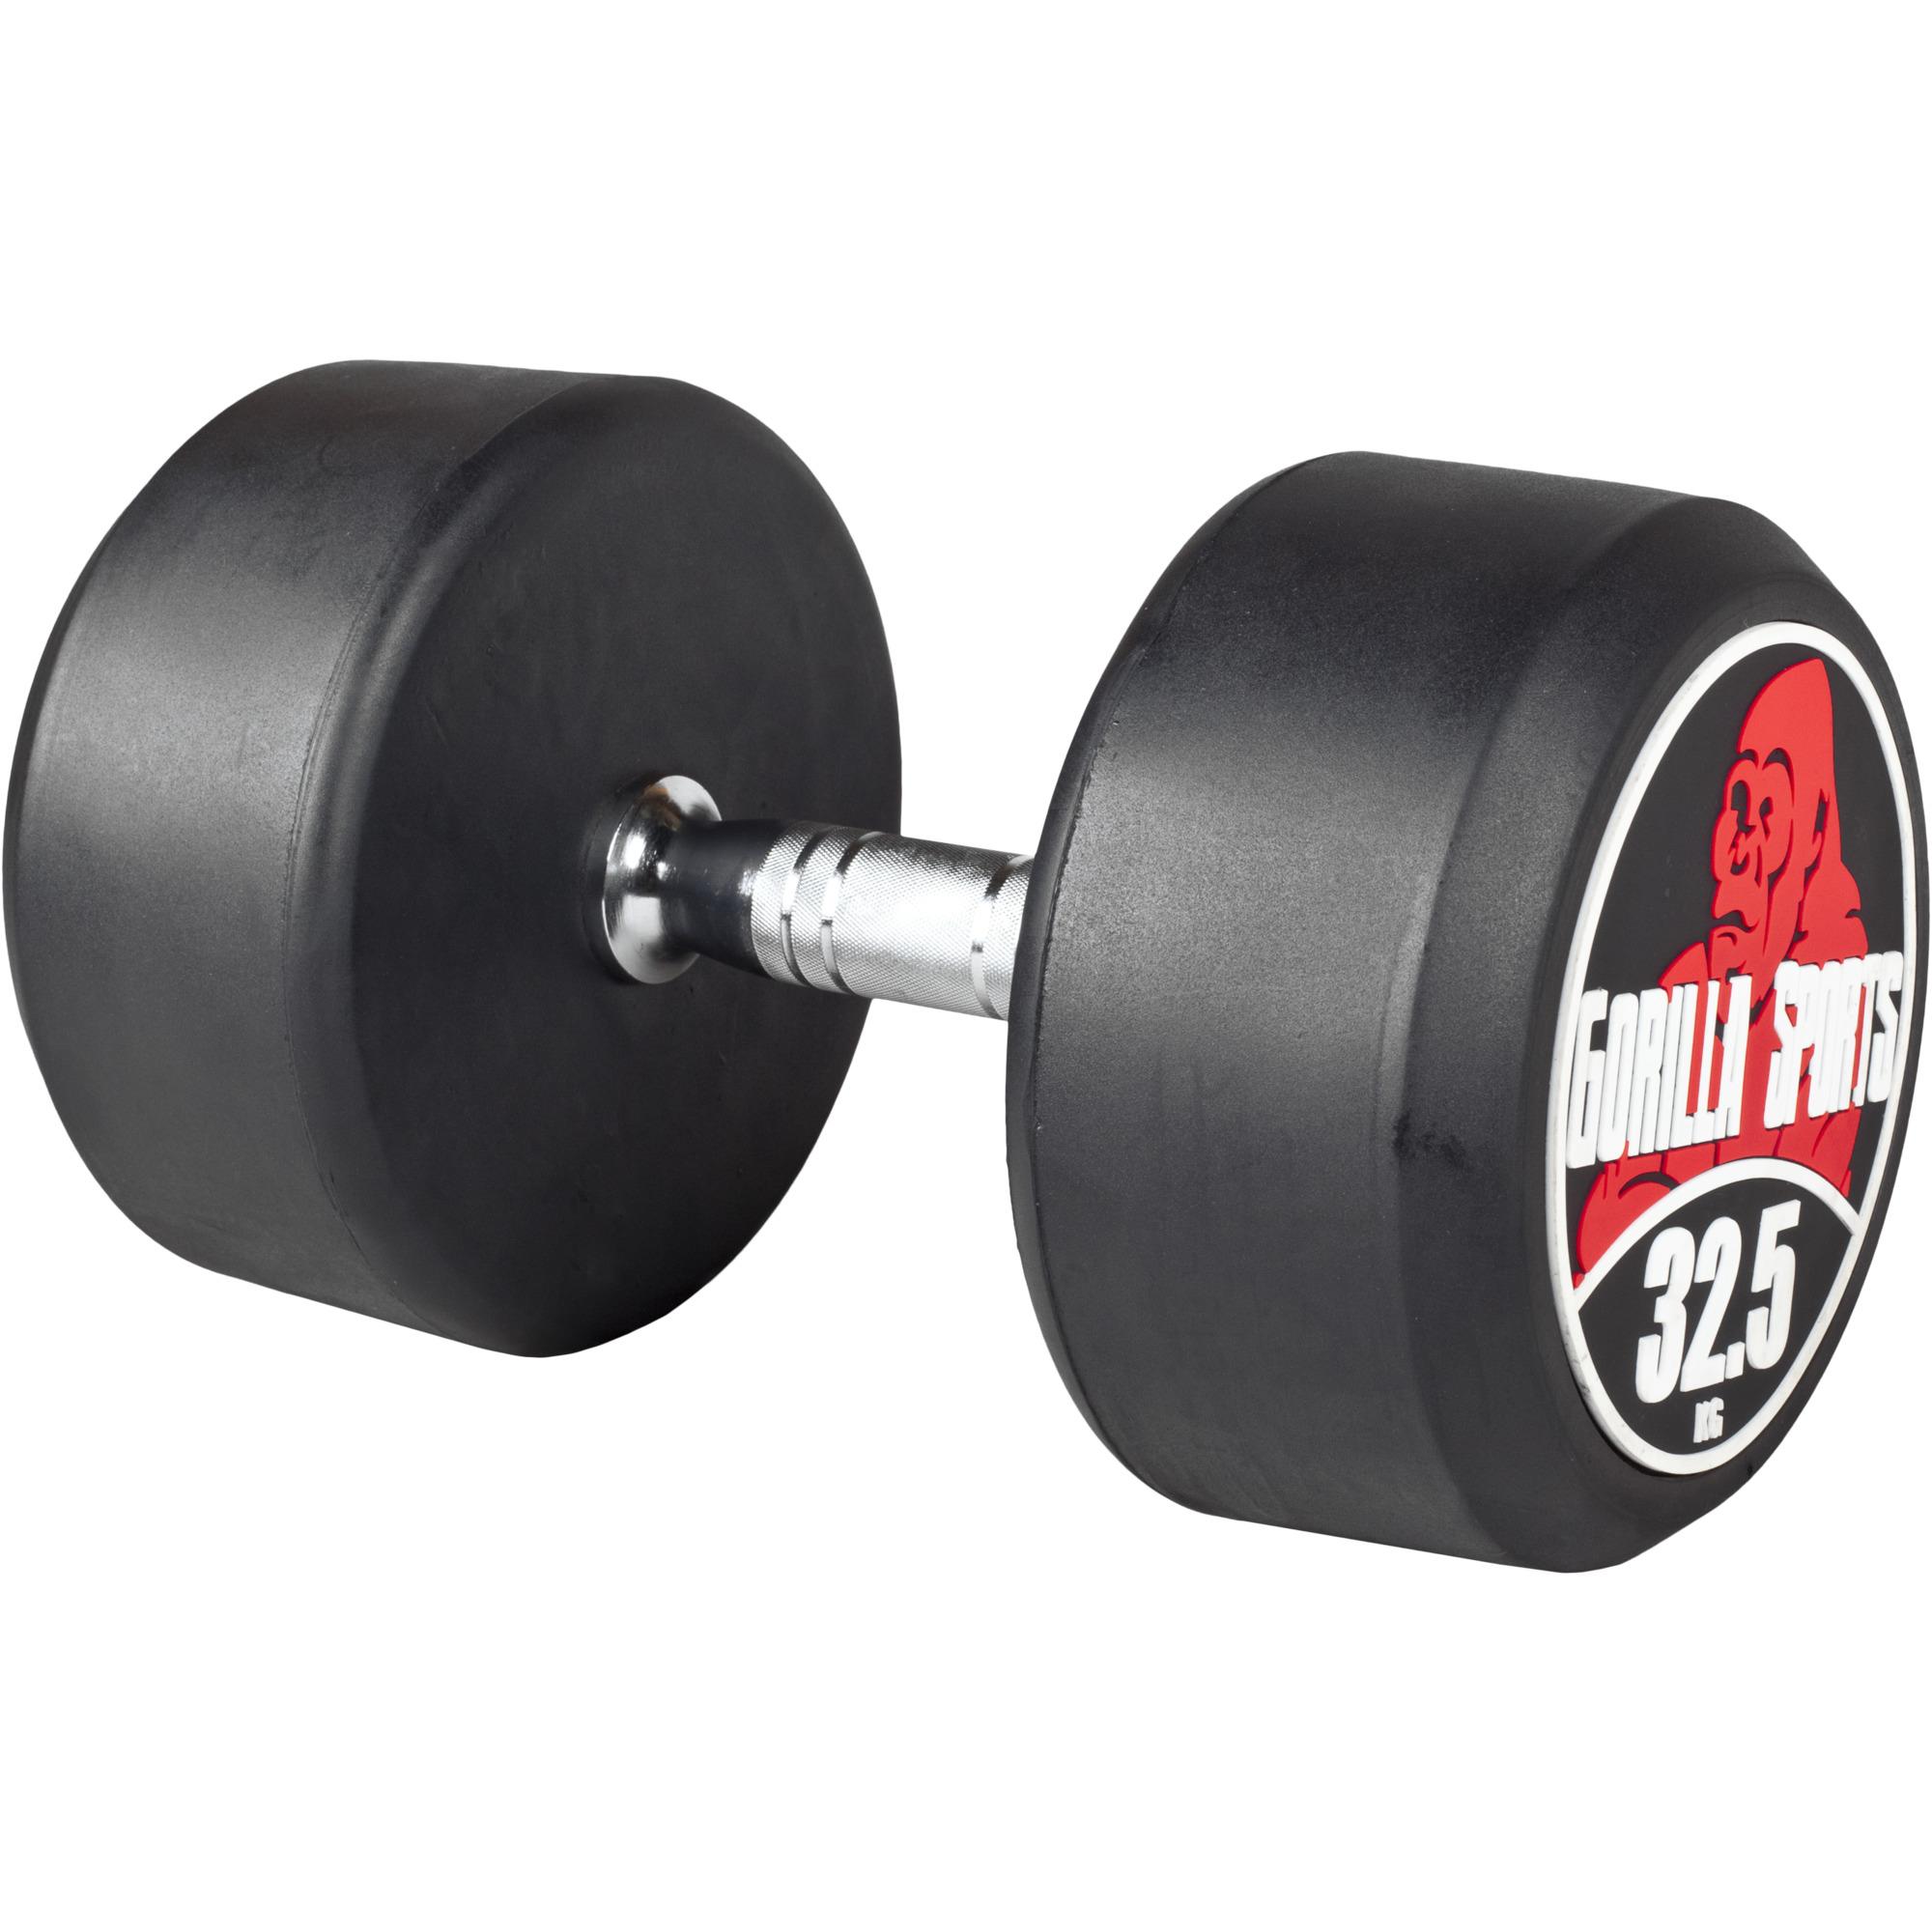 Gorilla Sports Rundhantel Schwarz/Rot 32,5 kg 100532-00049-0035